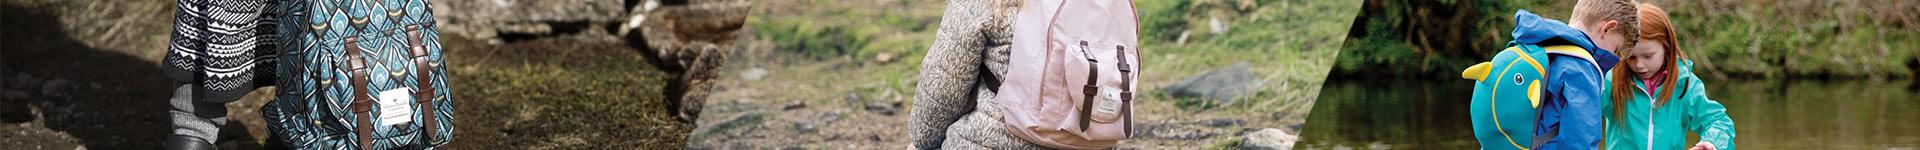 Børnerygsække - trendy og komfortable rygsække til børn